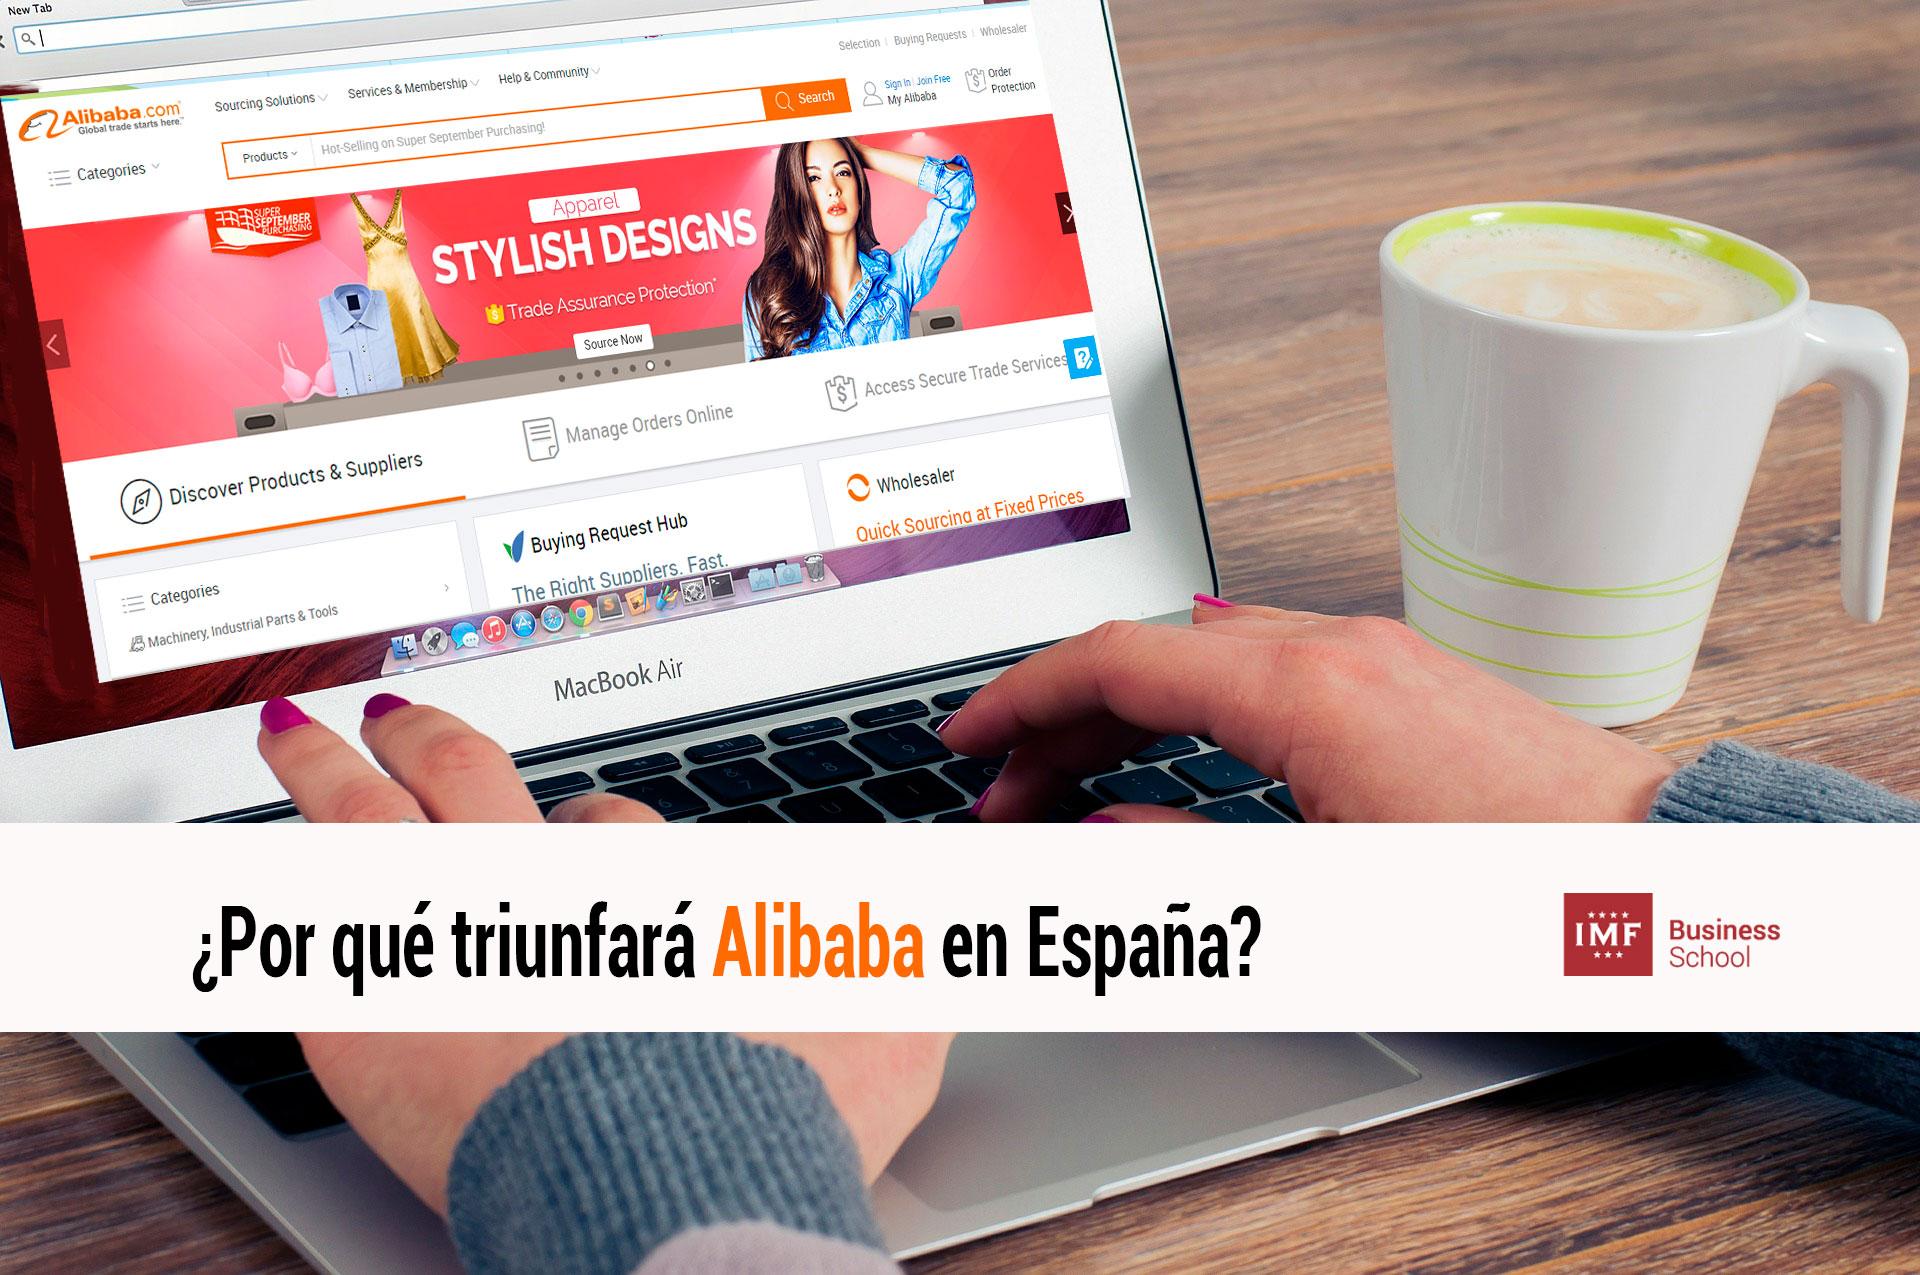 Por qué triunfará Alibaba en España